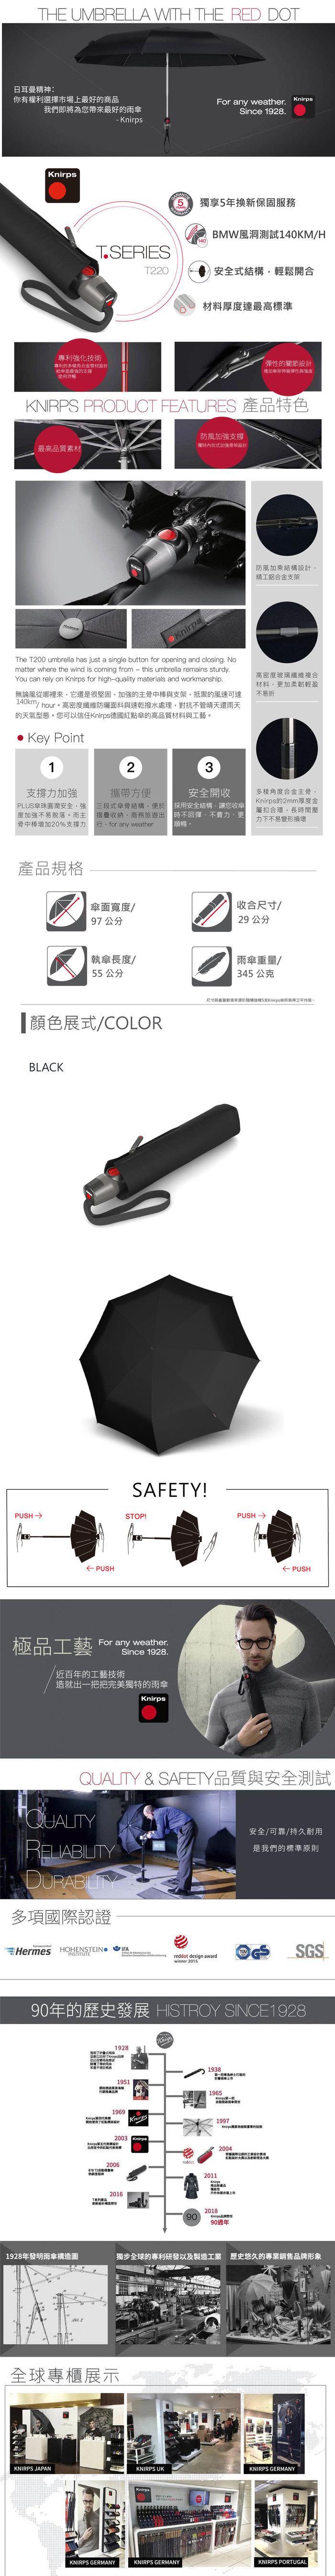 (複製)Knirps®德國紅點傘 TS.220 輕薄安全扁自動開收傘-Navy